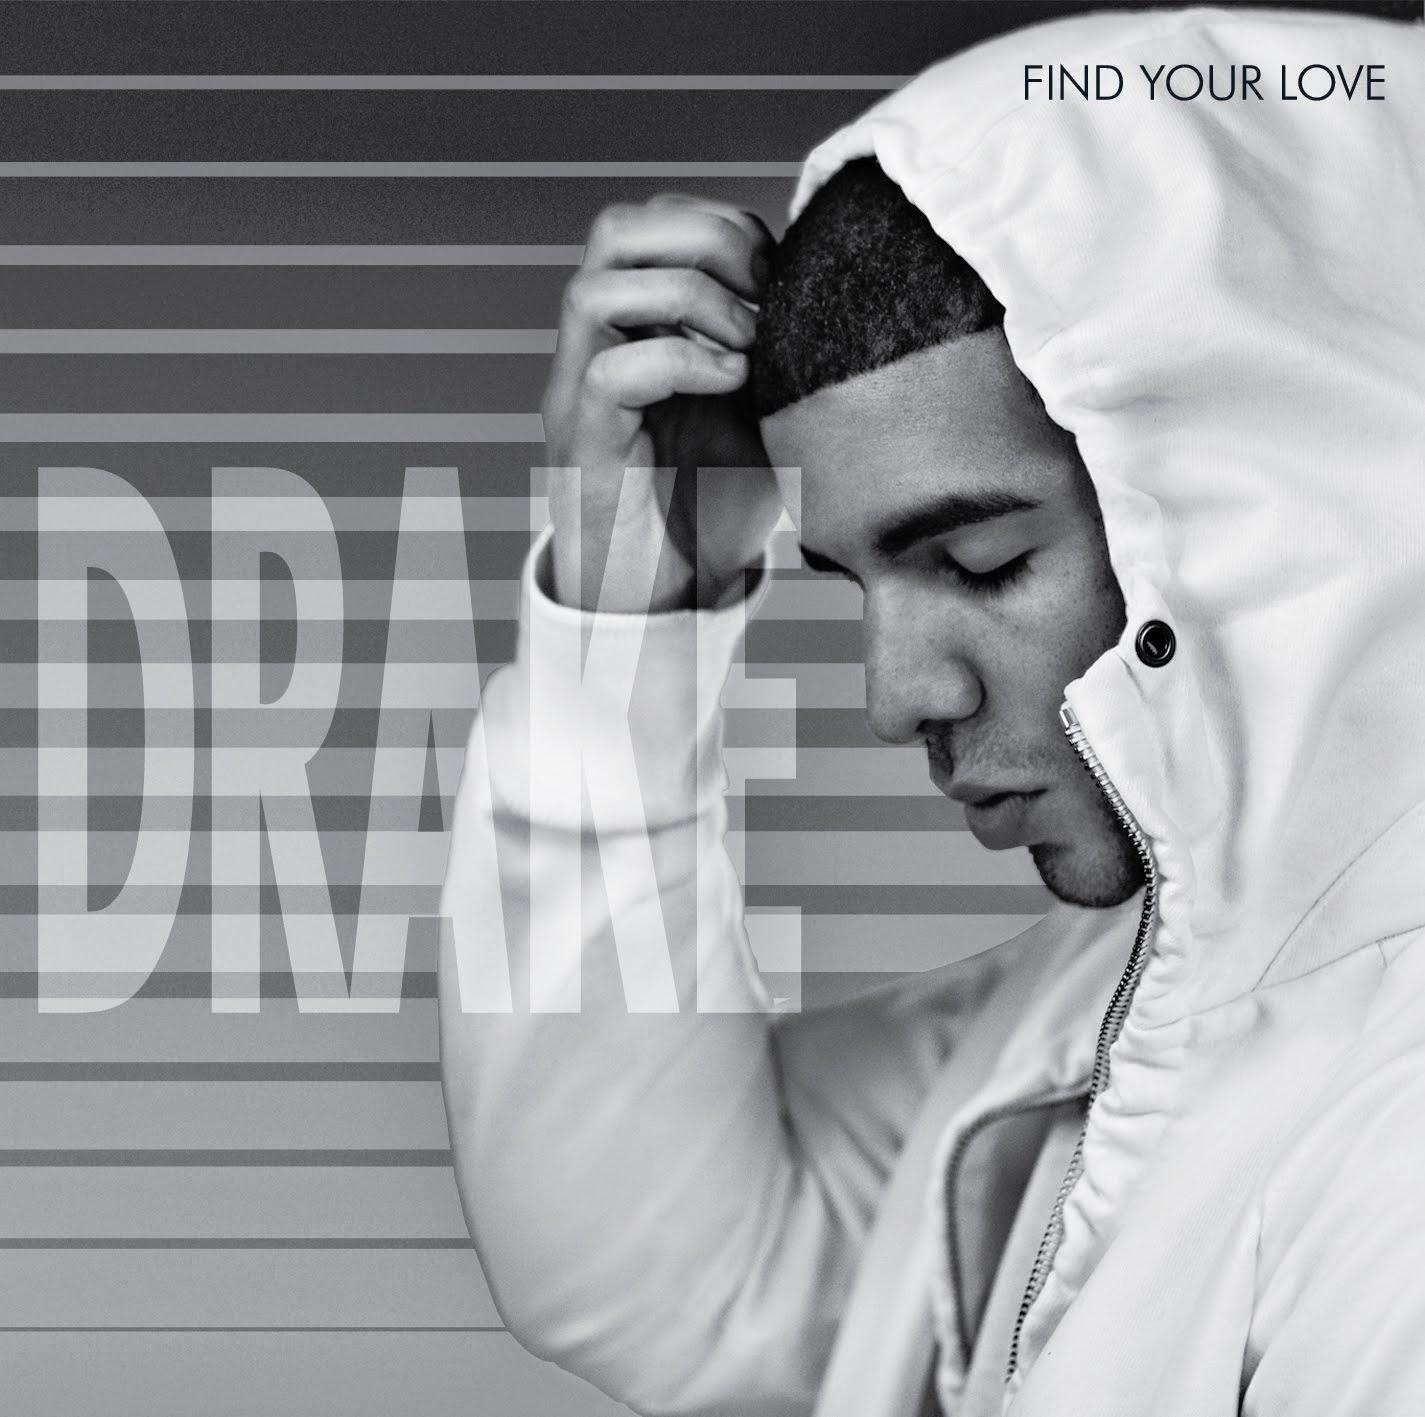 Drake fake love instrumental youtube.